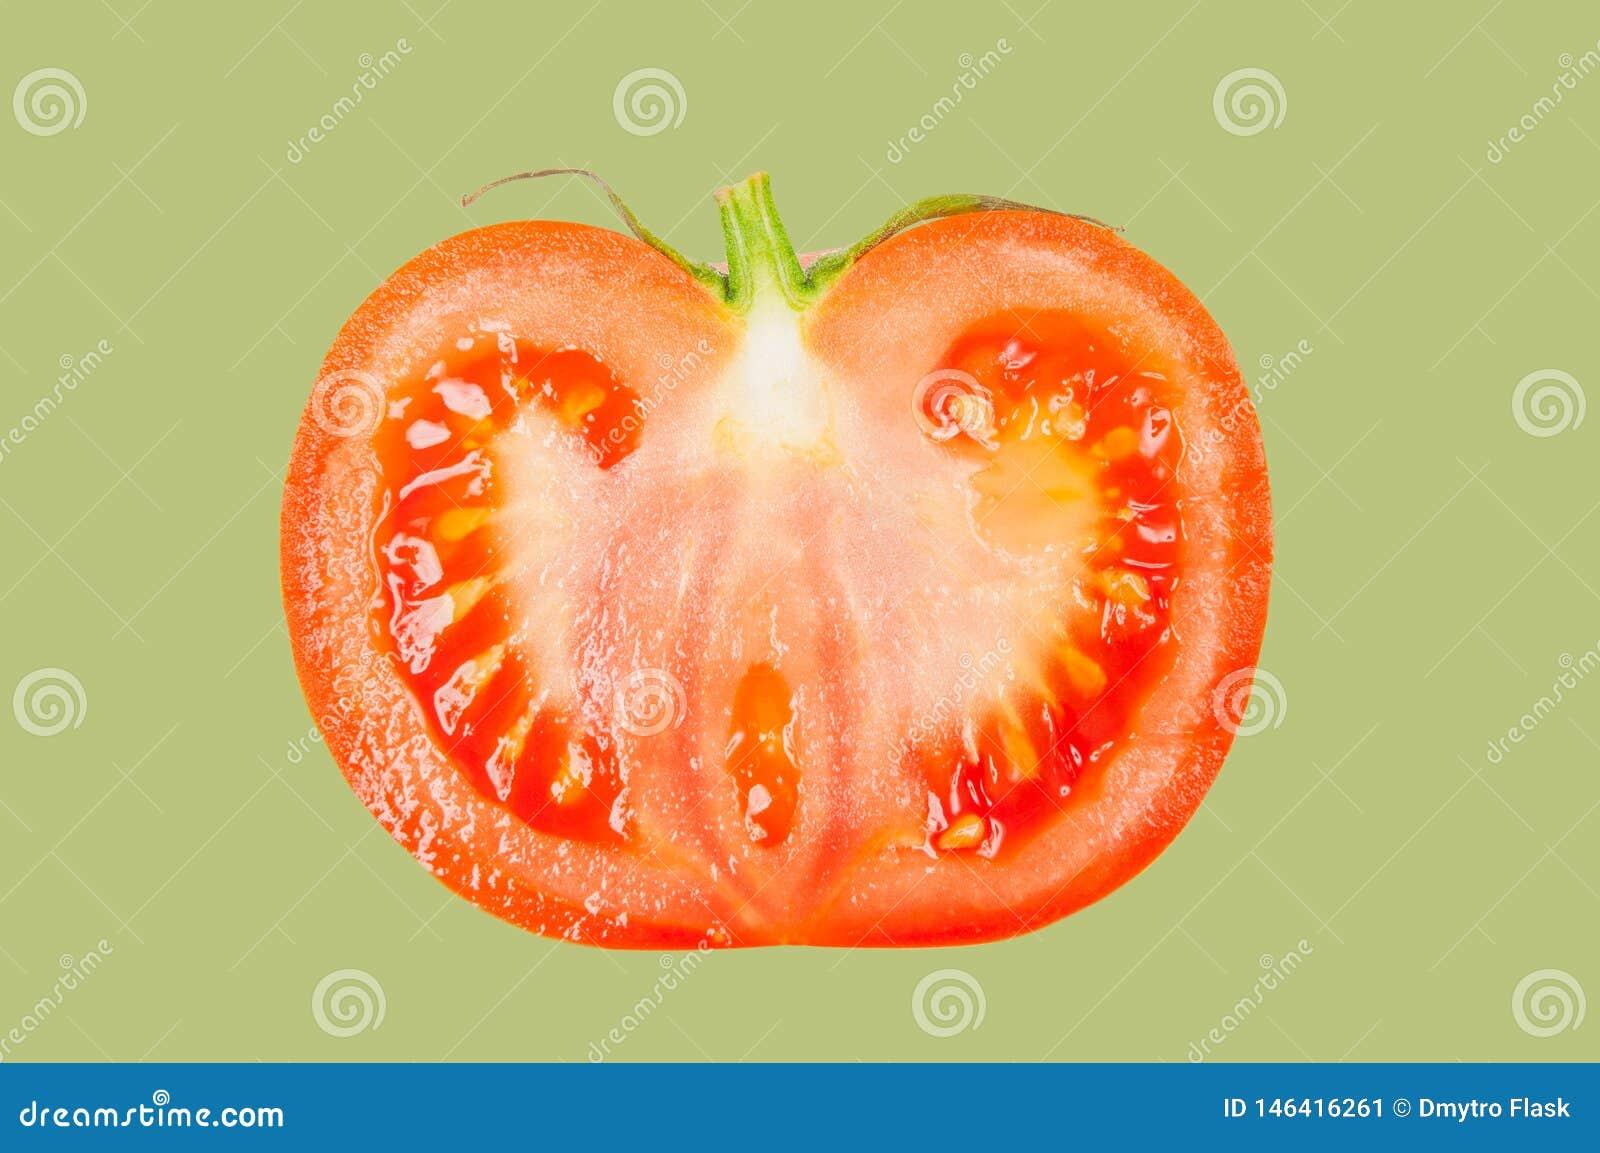 蕃茄在绿色淡色背景的空气浮动